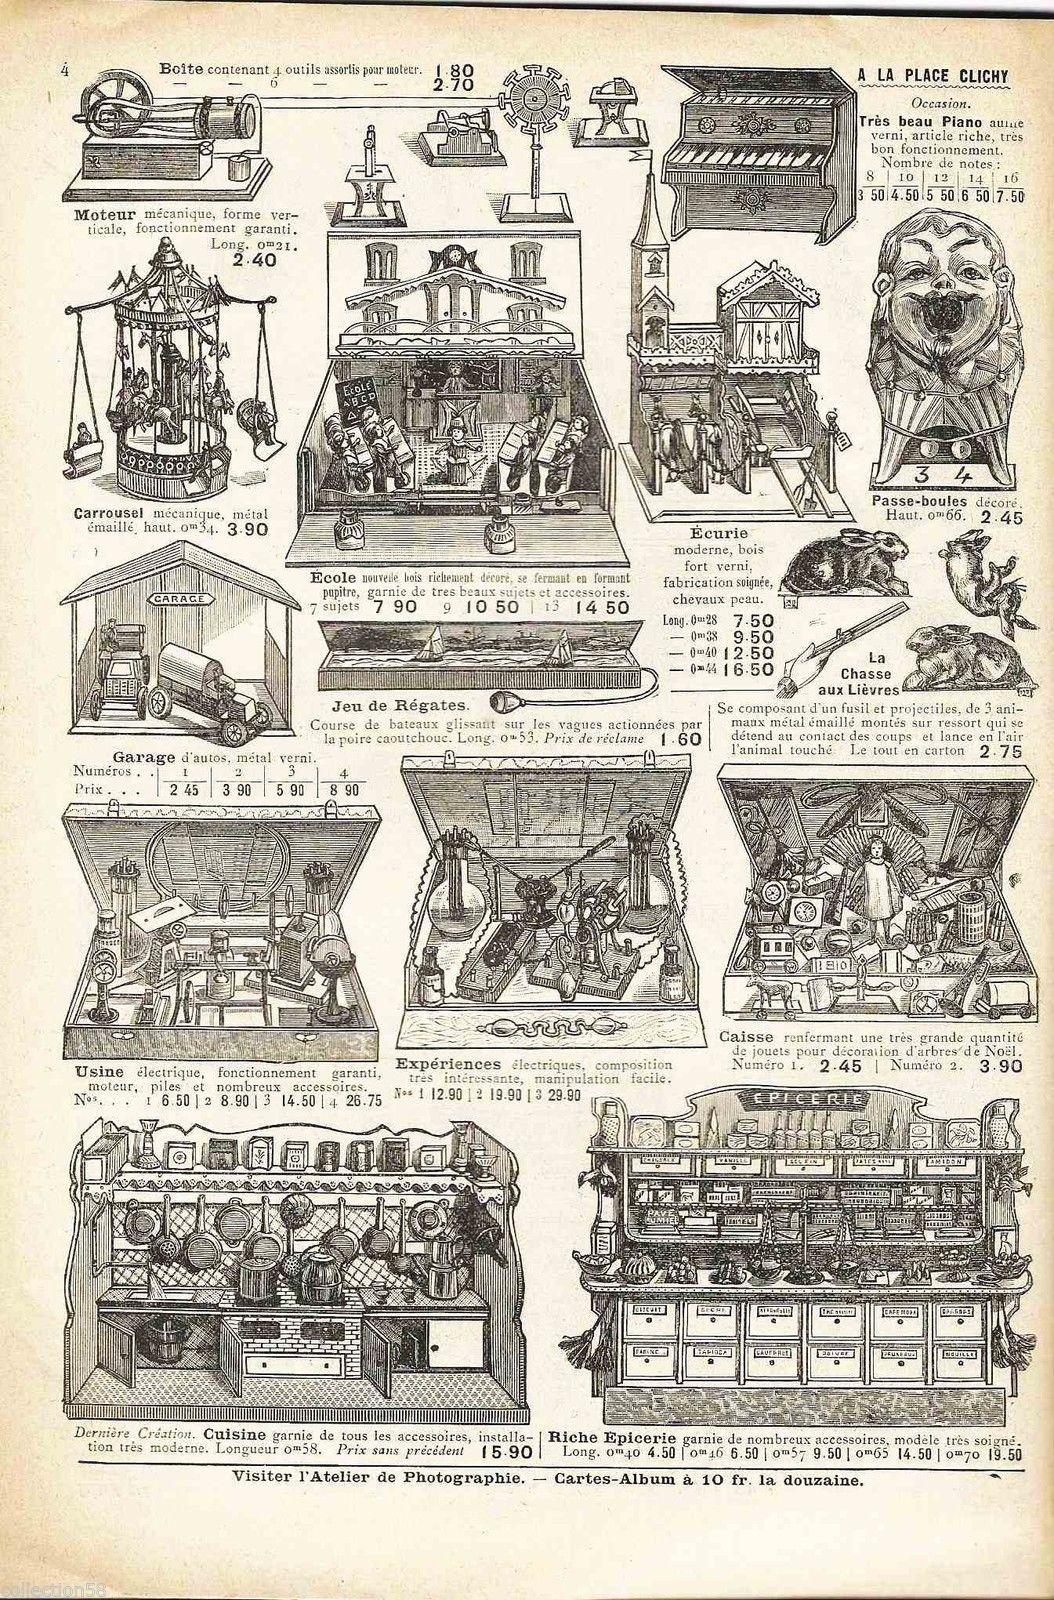 Rare Catalogue Jouets A La Place Clichy 1908 Boites De Jeux Panoplies Poupees In Jouets Et Jeux Jouets Jeux Anciens Piano Jouet Poupee Catalogue De Jouet